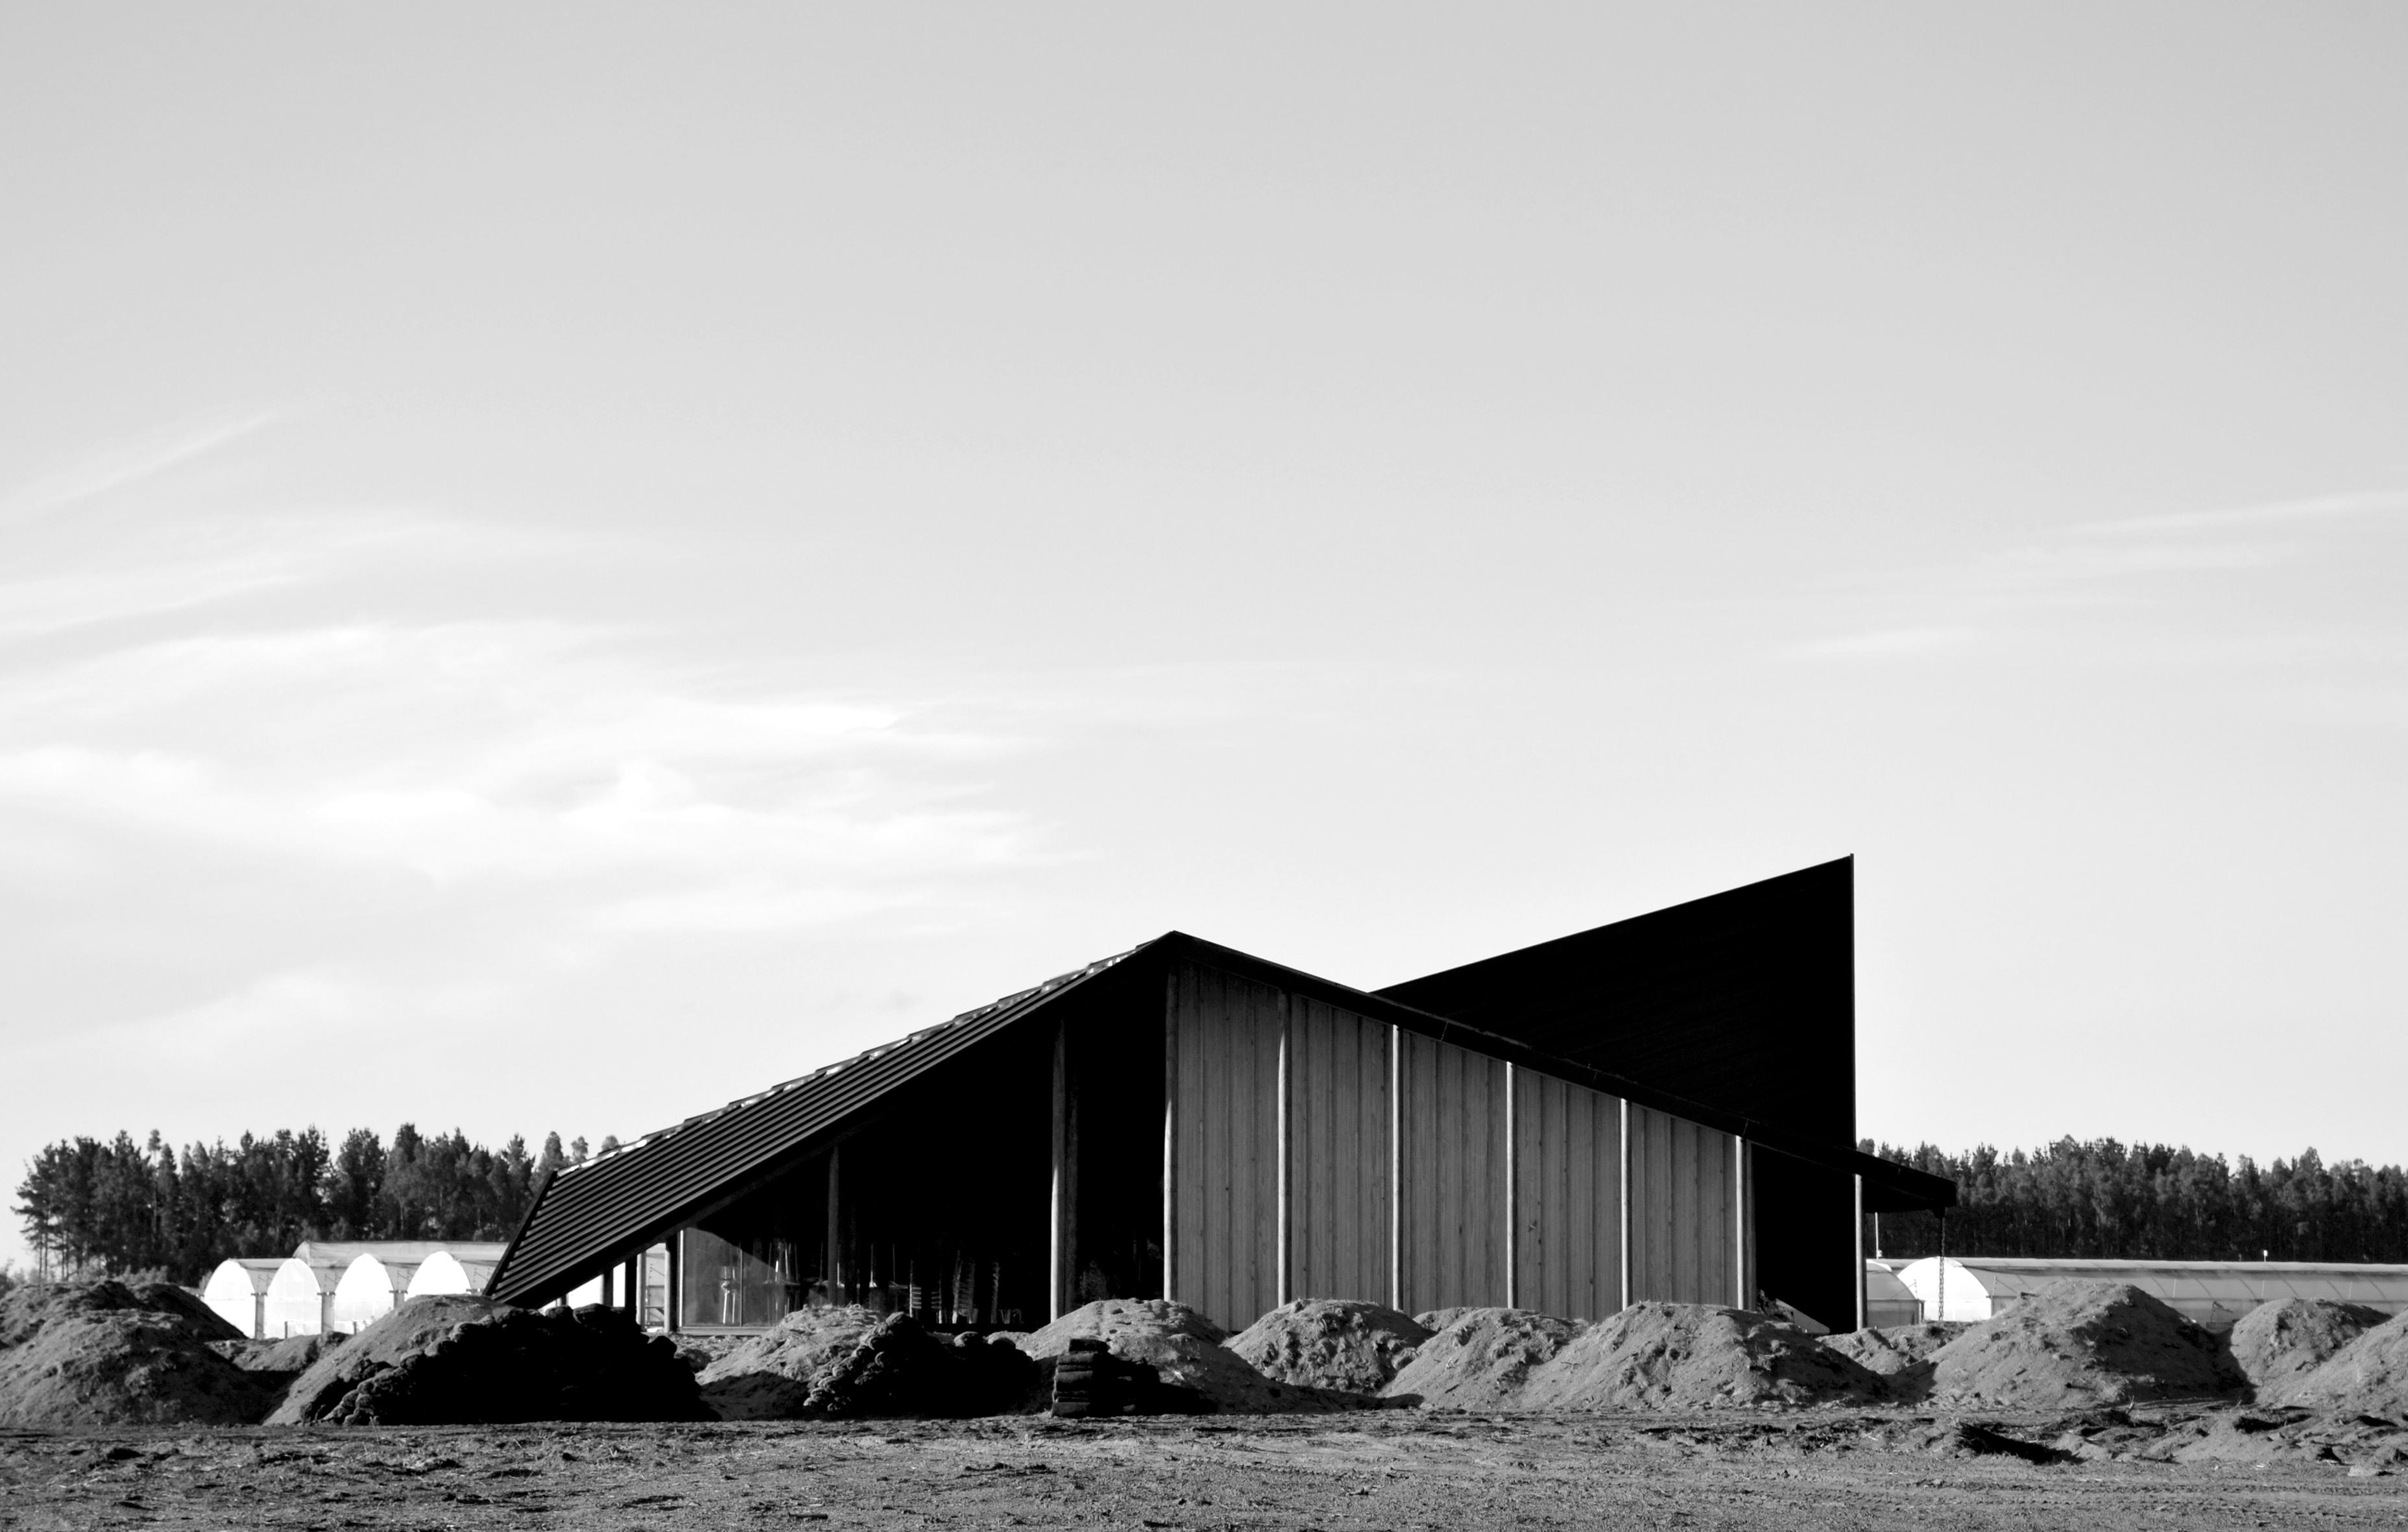 Las obras m s famosas de alejandro aravena el arquitecto for Viveros en rancagua